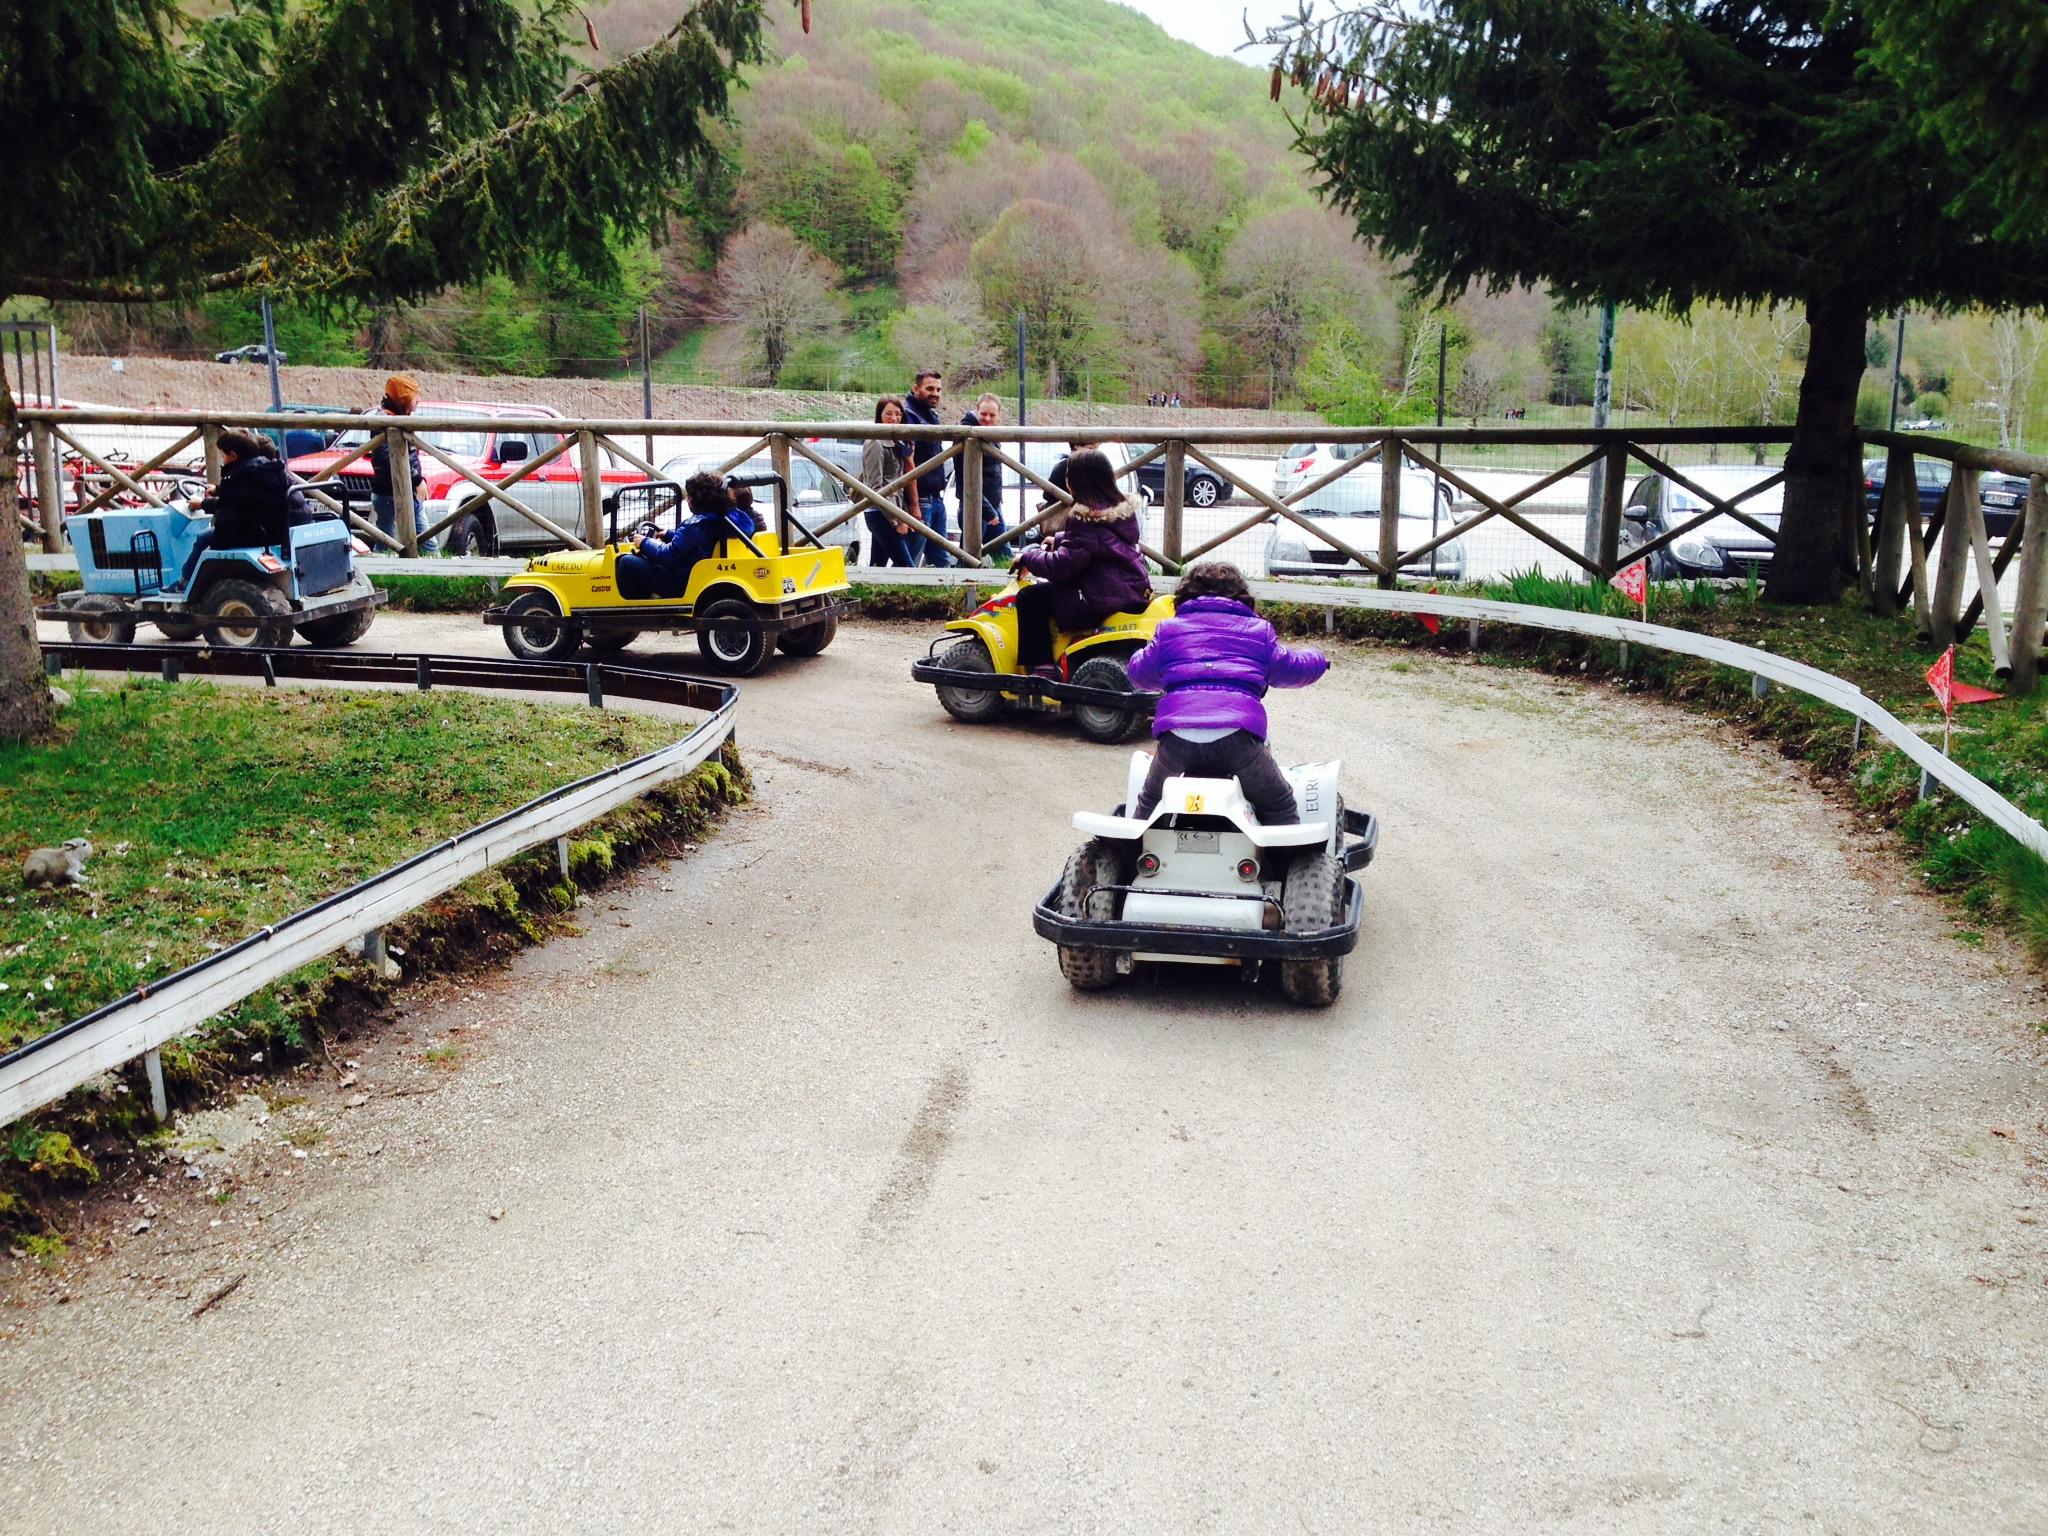 Pista mini quad e macchine - Parco Giochi Lacenoalndia a Lago ...